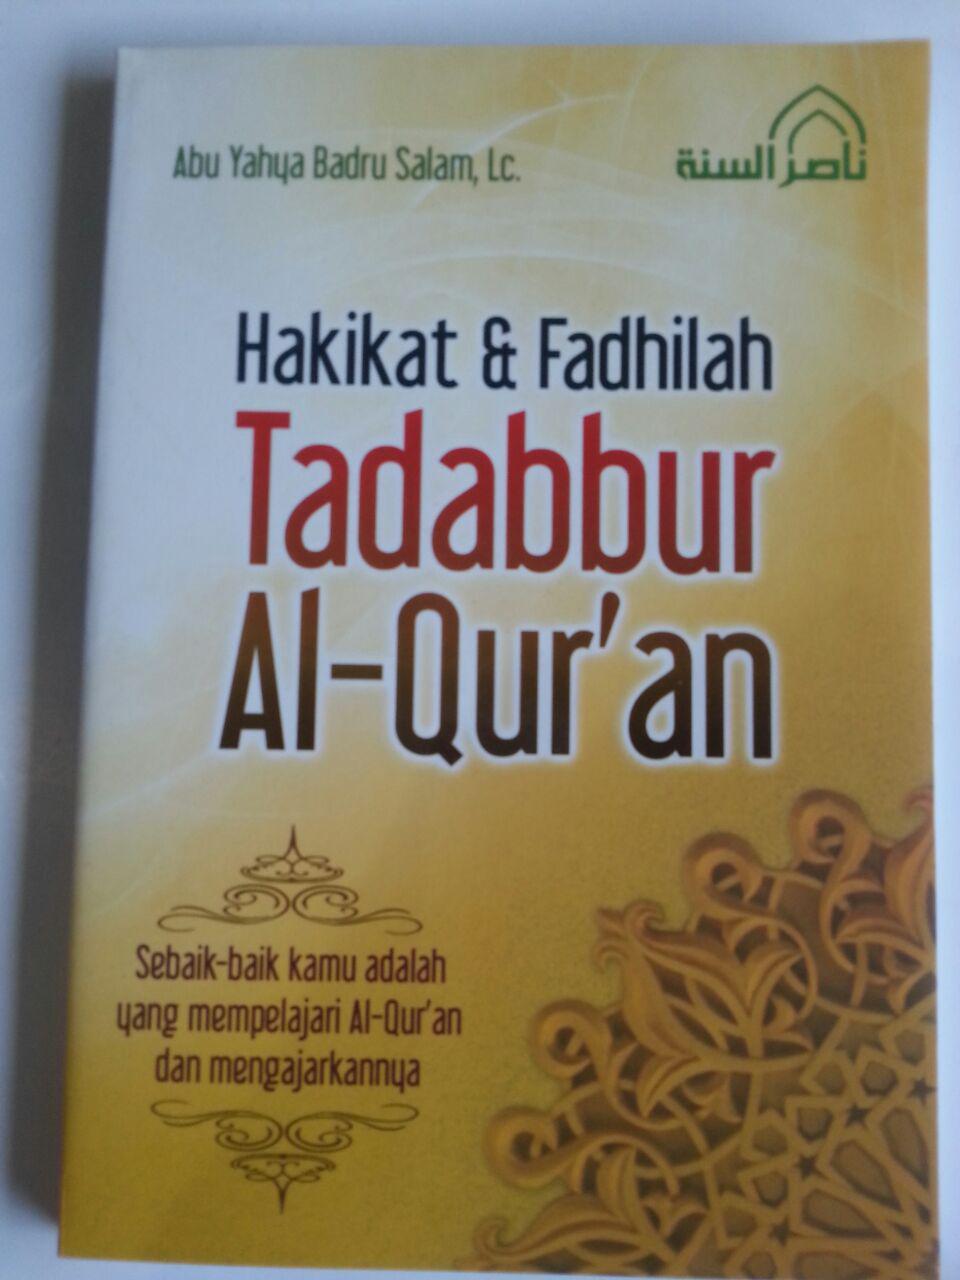 Buku Hakikat Dan Fadhilah Tadabbur Al-Qur'an cover 2